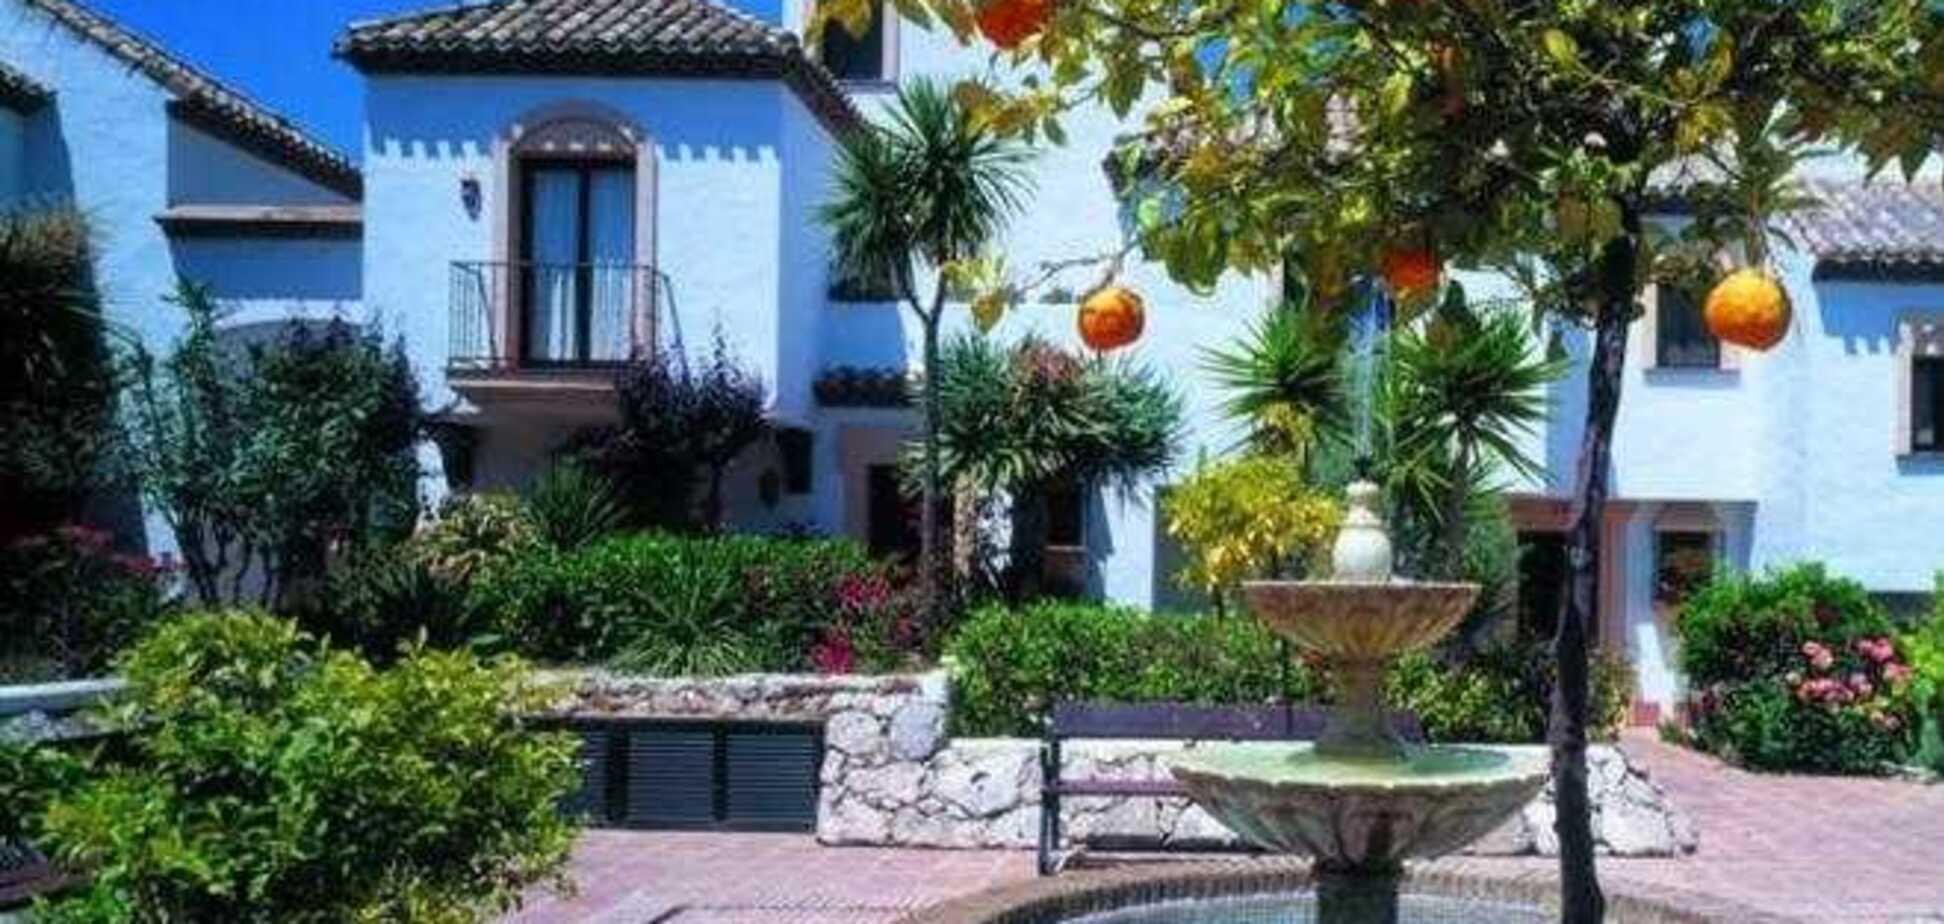 В 2013 году в Испании достроили 46,5 тыс. объектов недвижимости